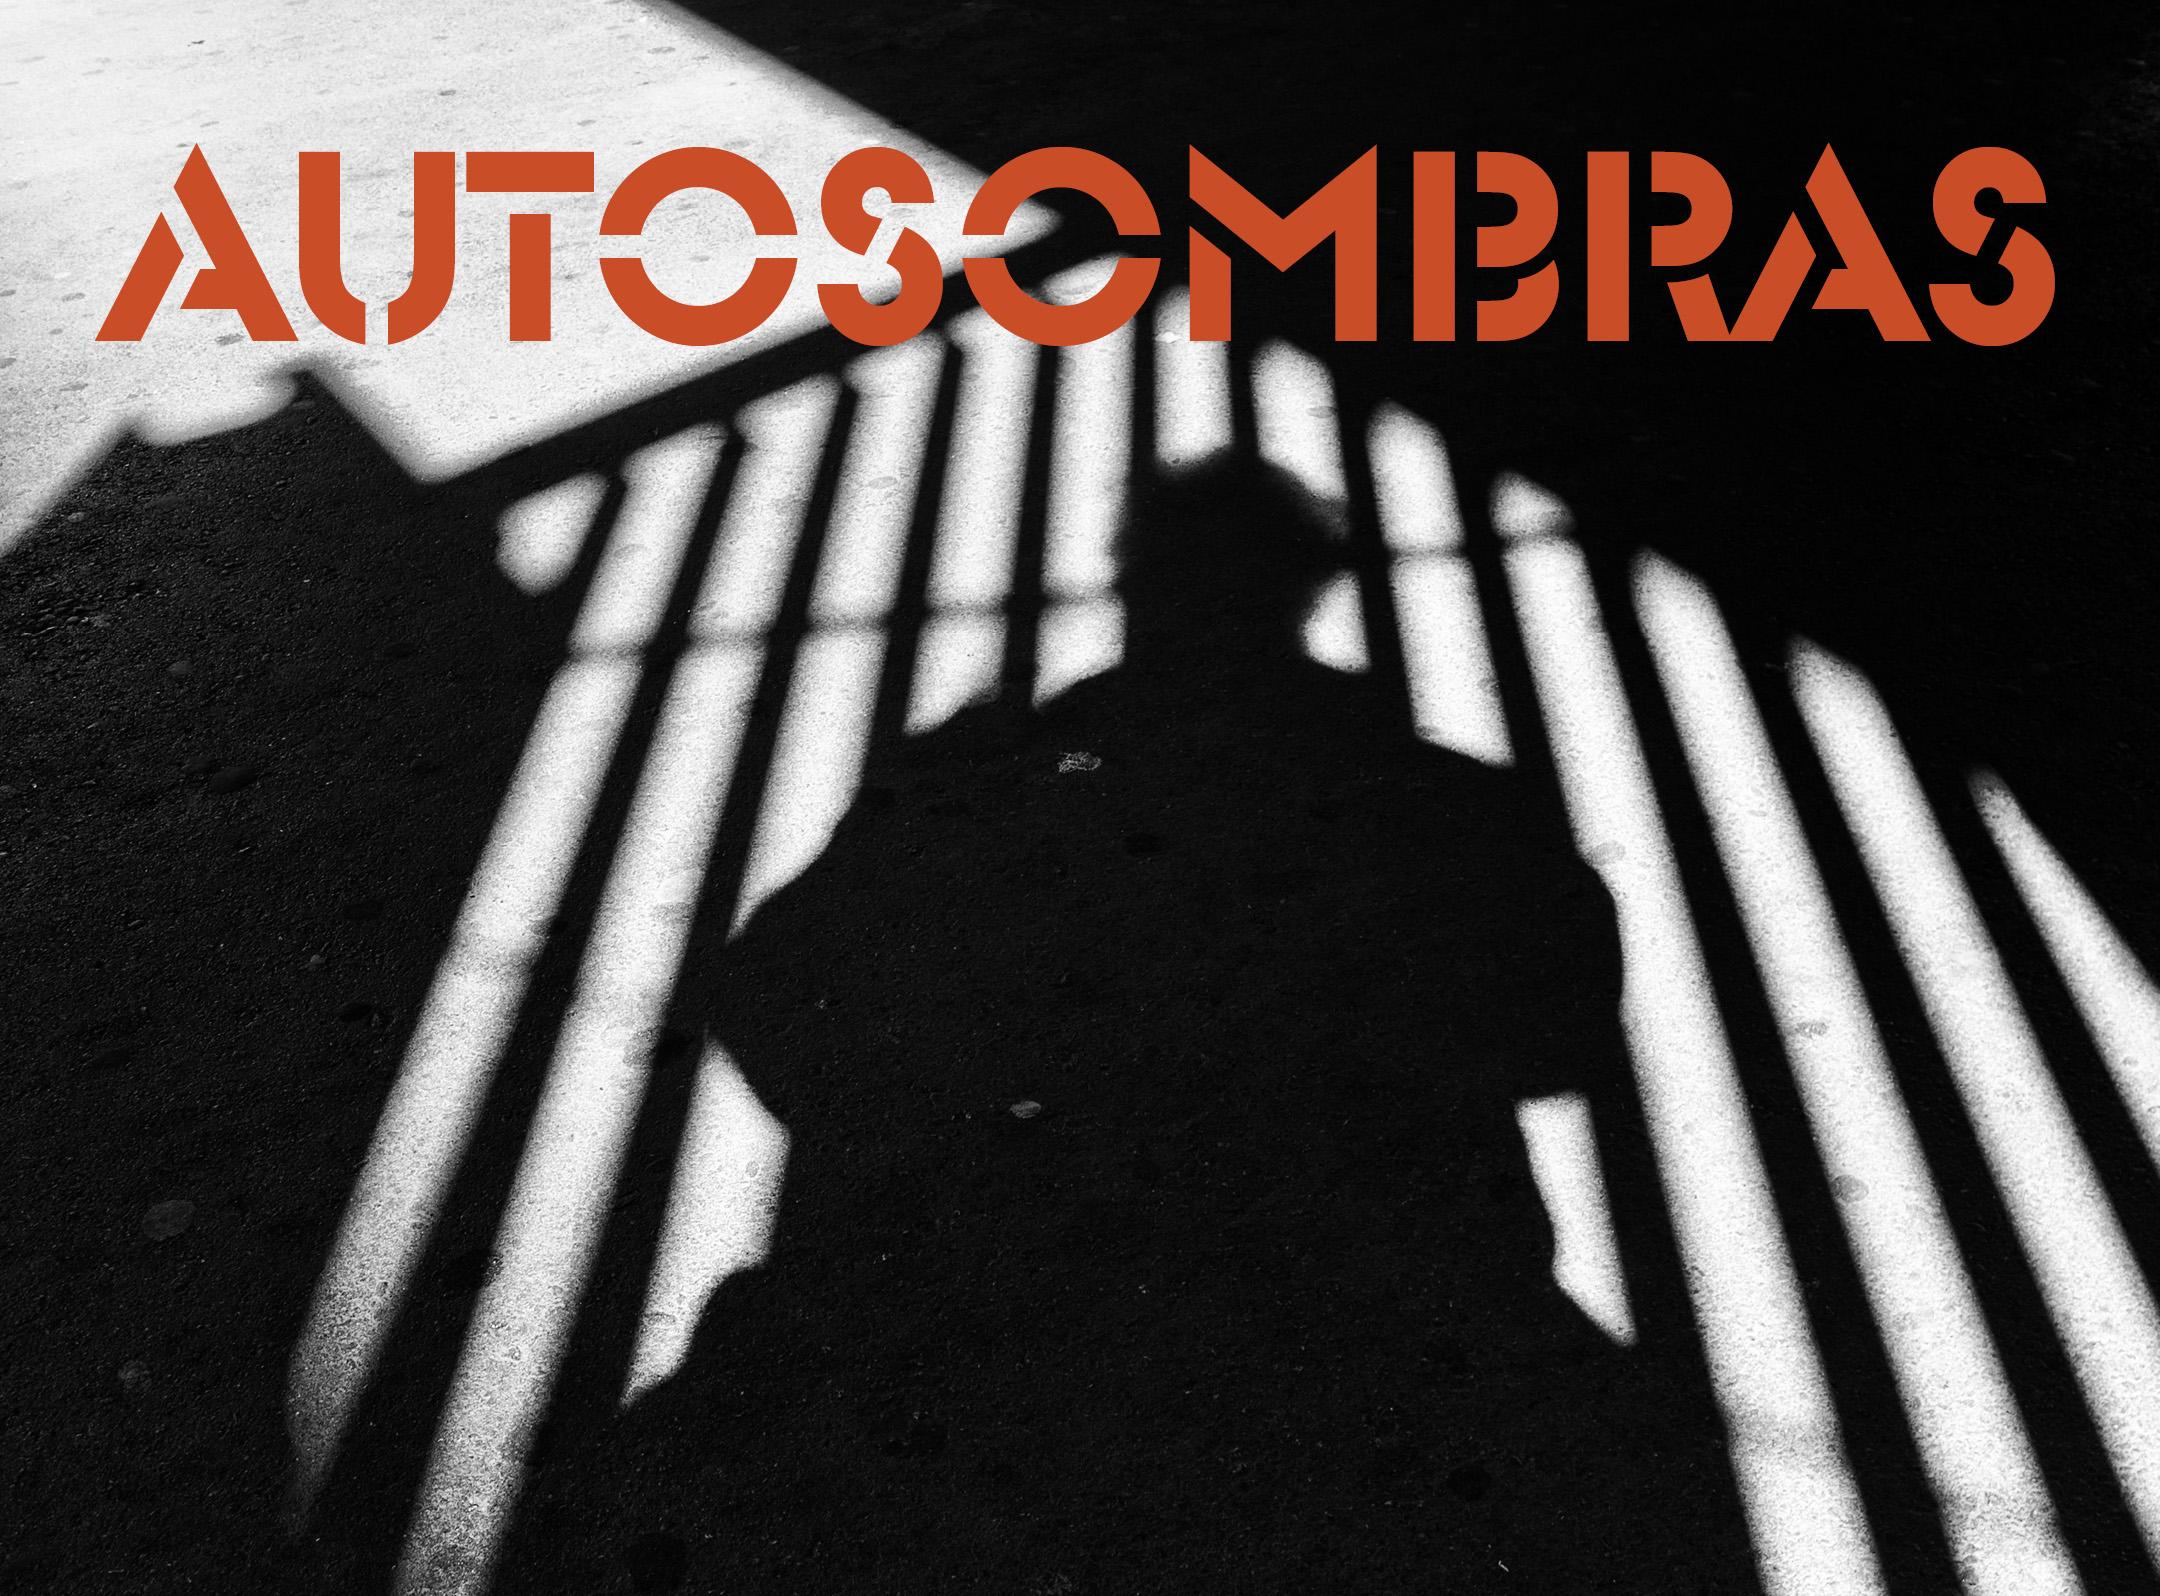 Autosombras